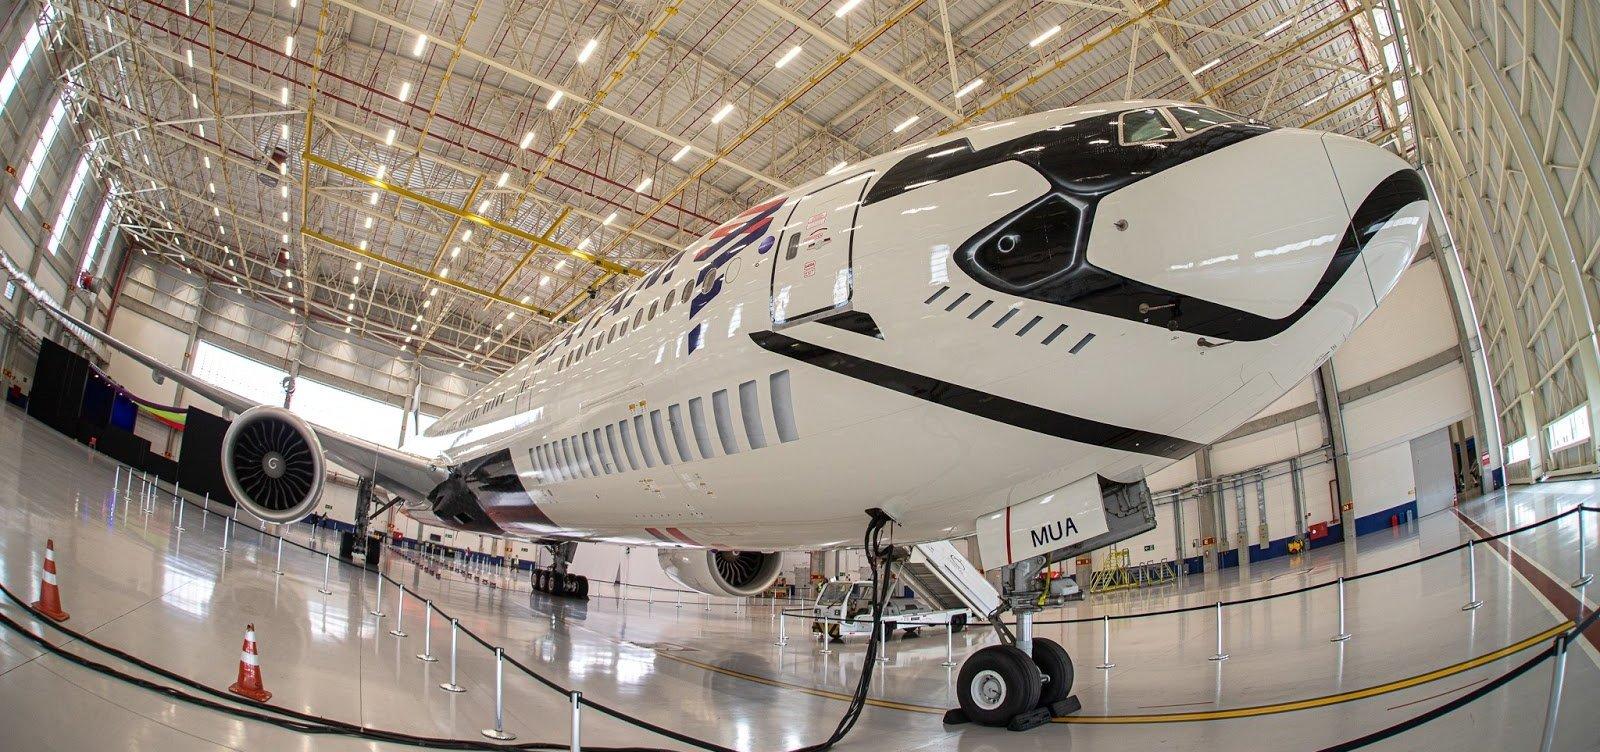 [Latam anuncia suspensão de seus voos internacionais em abril]